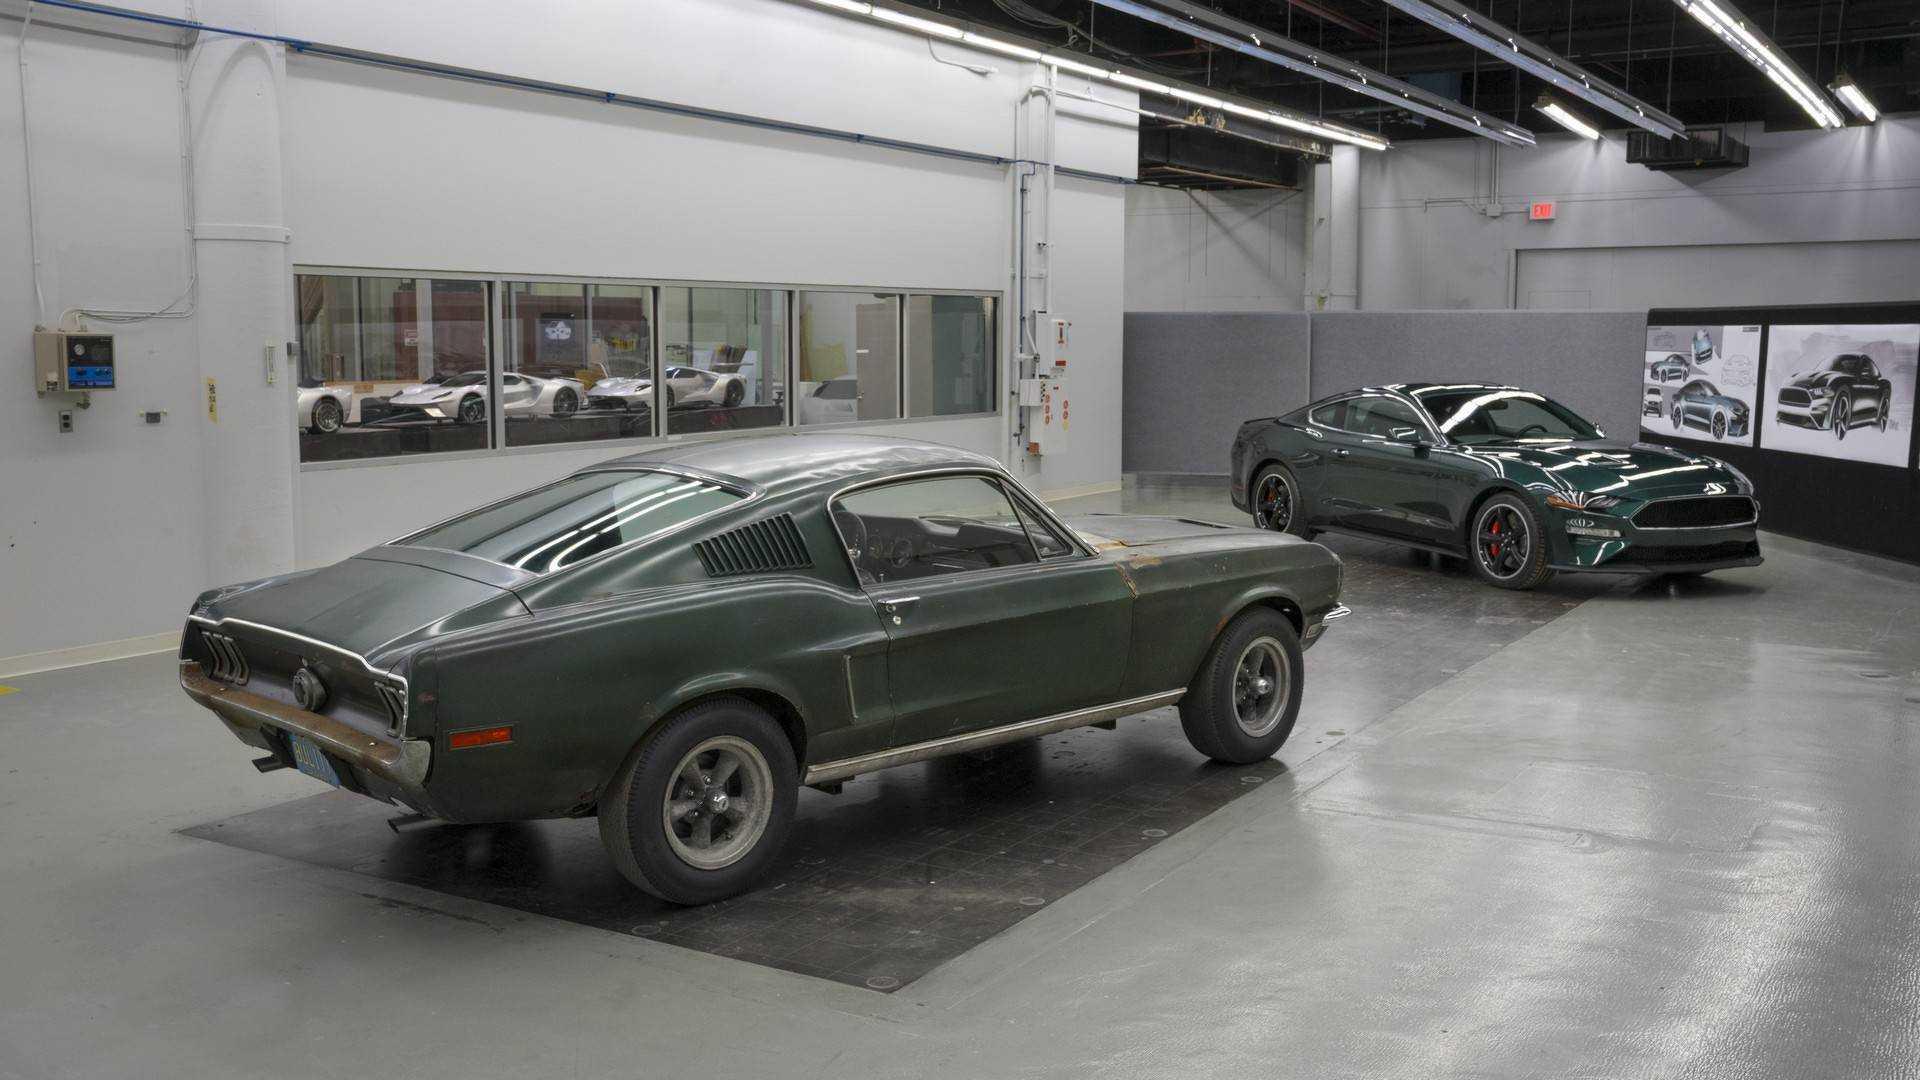 Ford mustang bullitt retrospective makes us green with envy